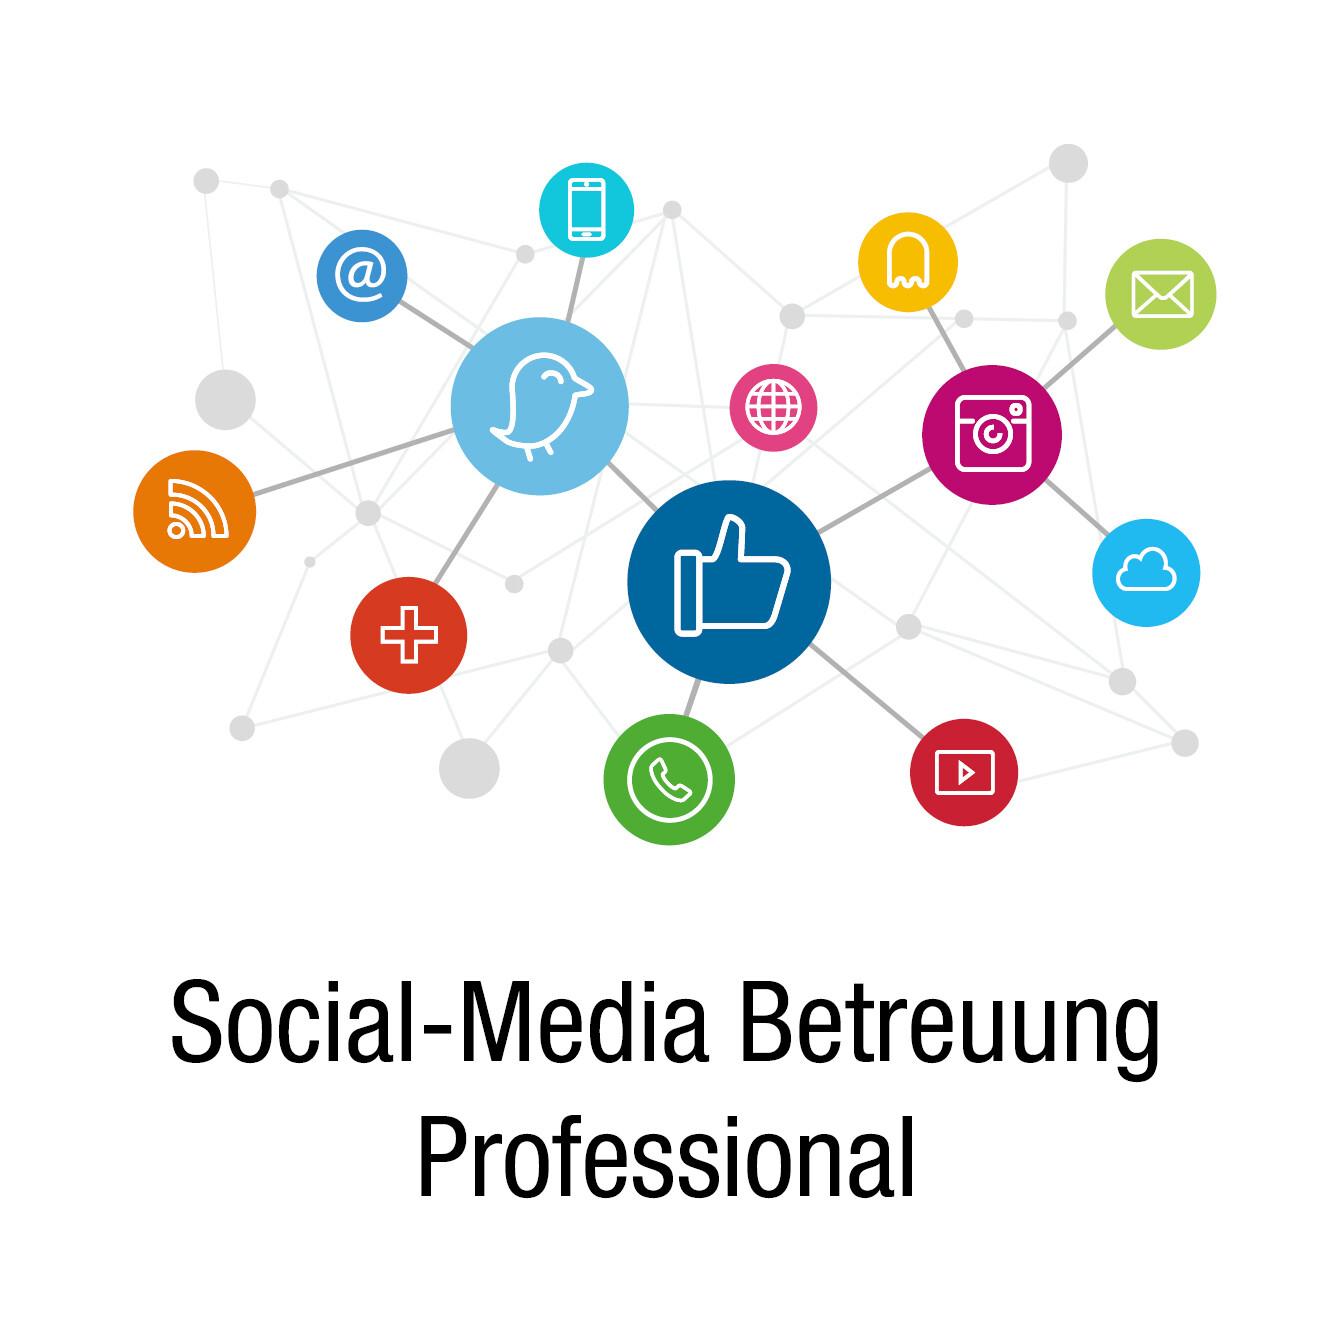 Social Media Betreuung Professional